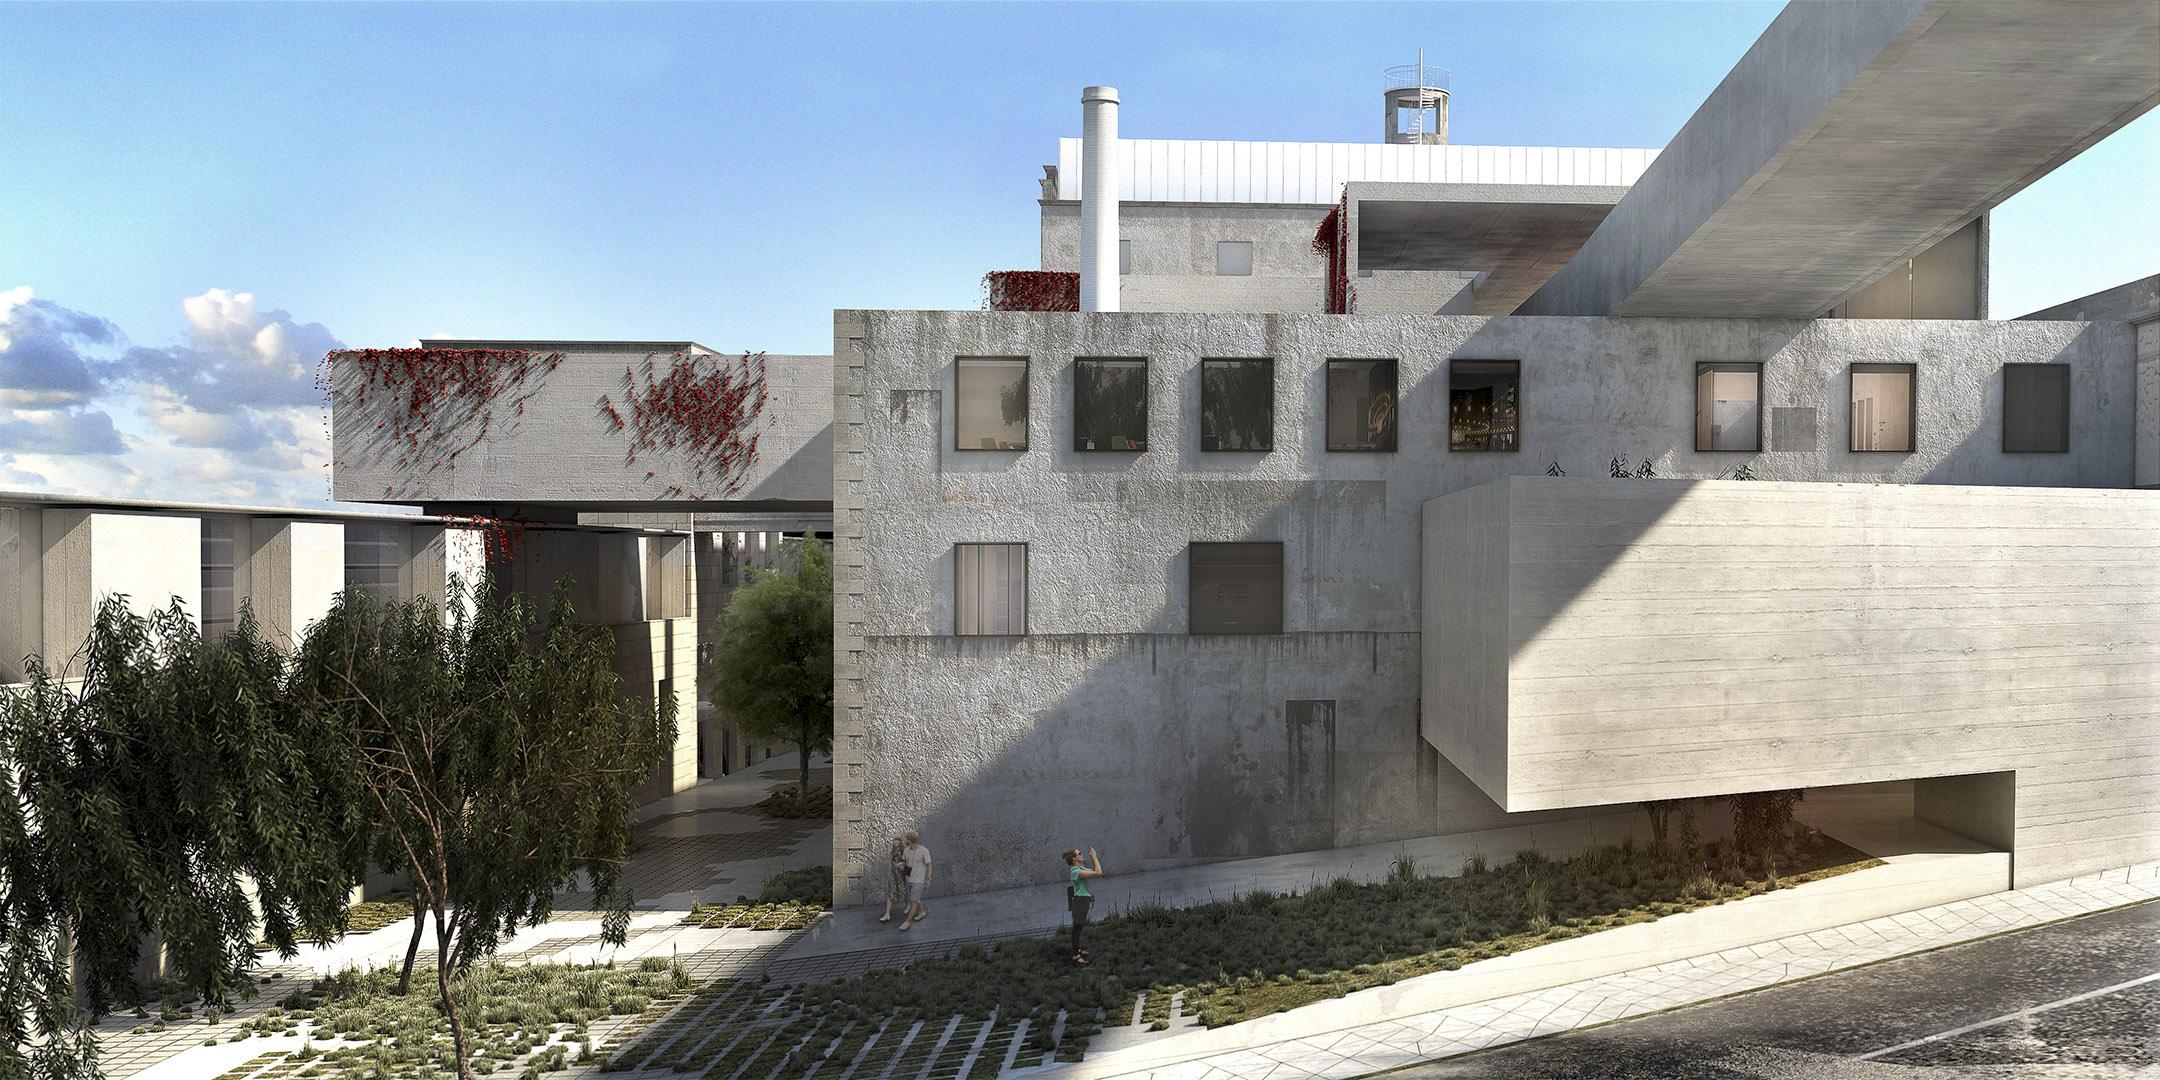 Arquitectos en vigo mam architecture arquitectura estudio de arquitectura y dise o en vigo - Arquitectos en vigo ...